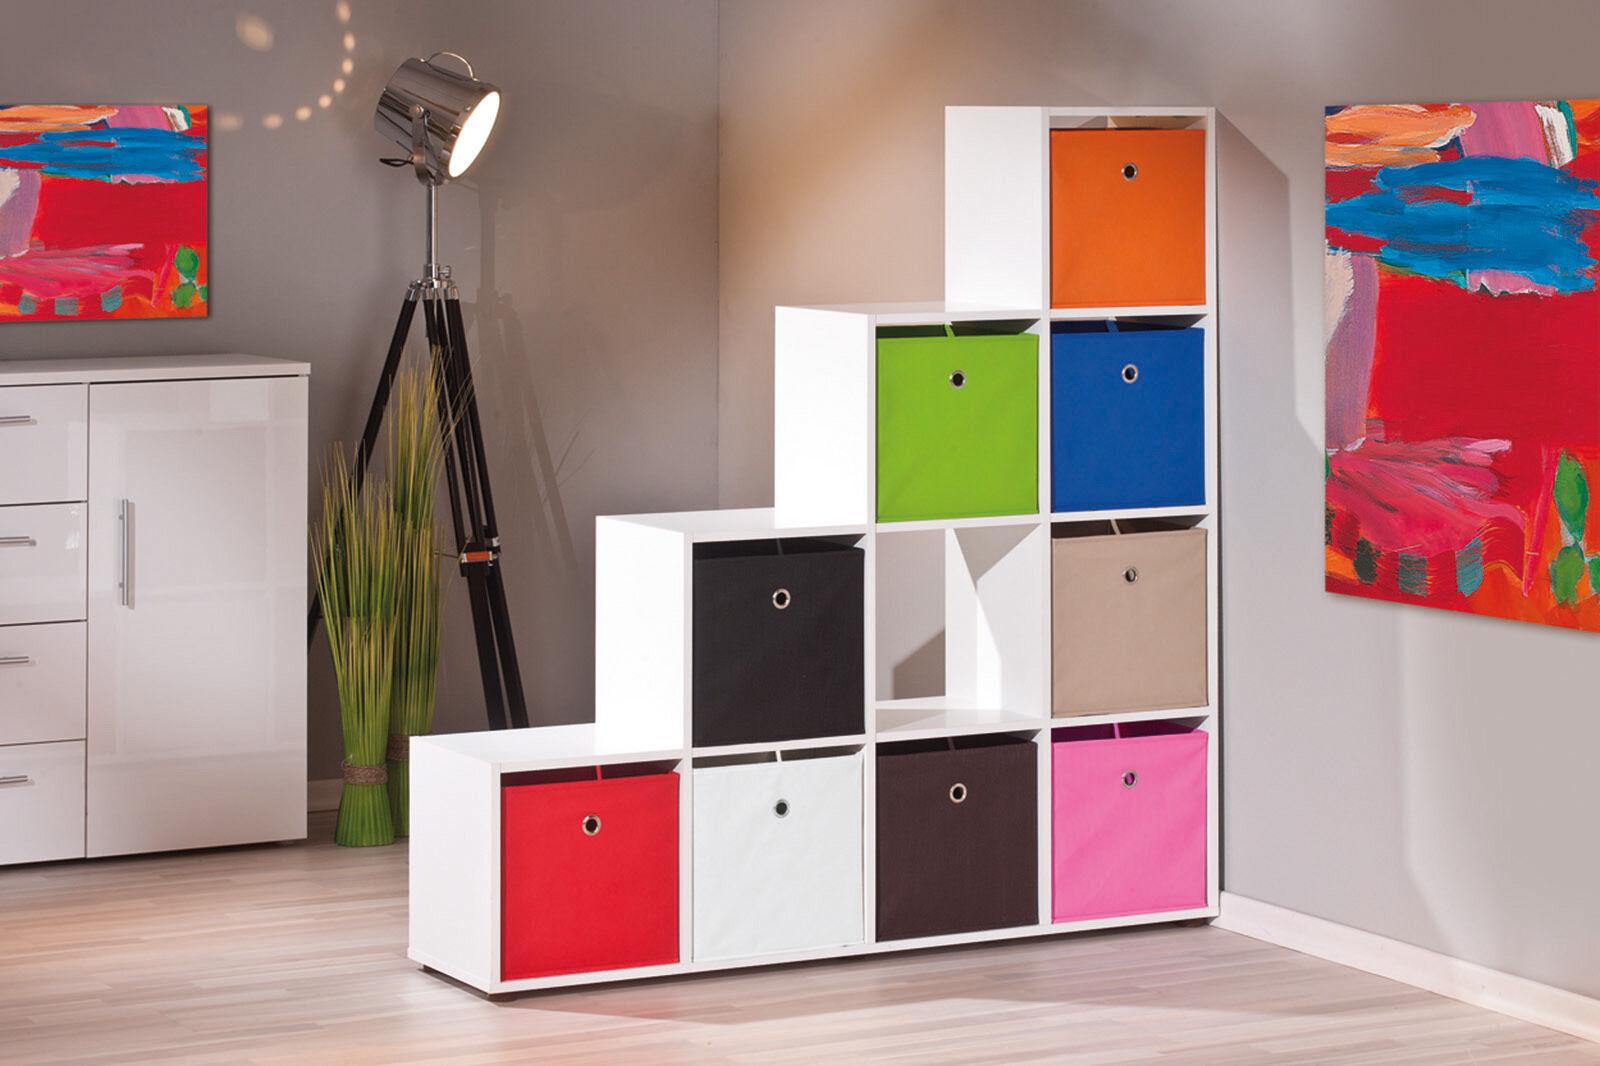 boite de rangement cube pliable casier jouets module. Black Bedroom Furniture Sets. Home Design Ideas